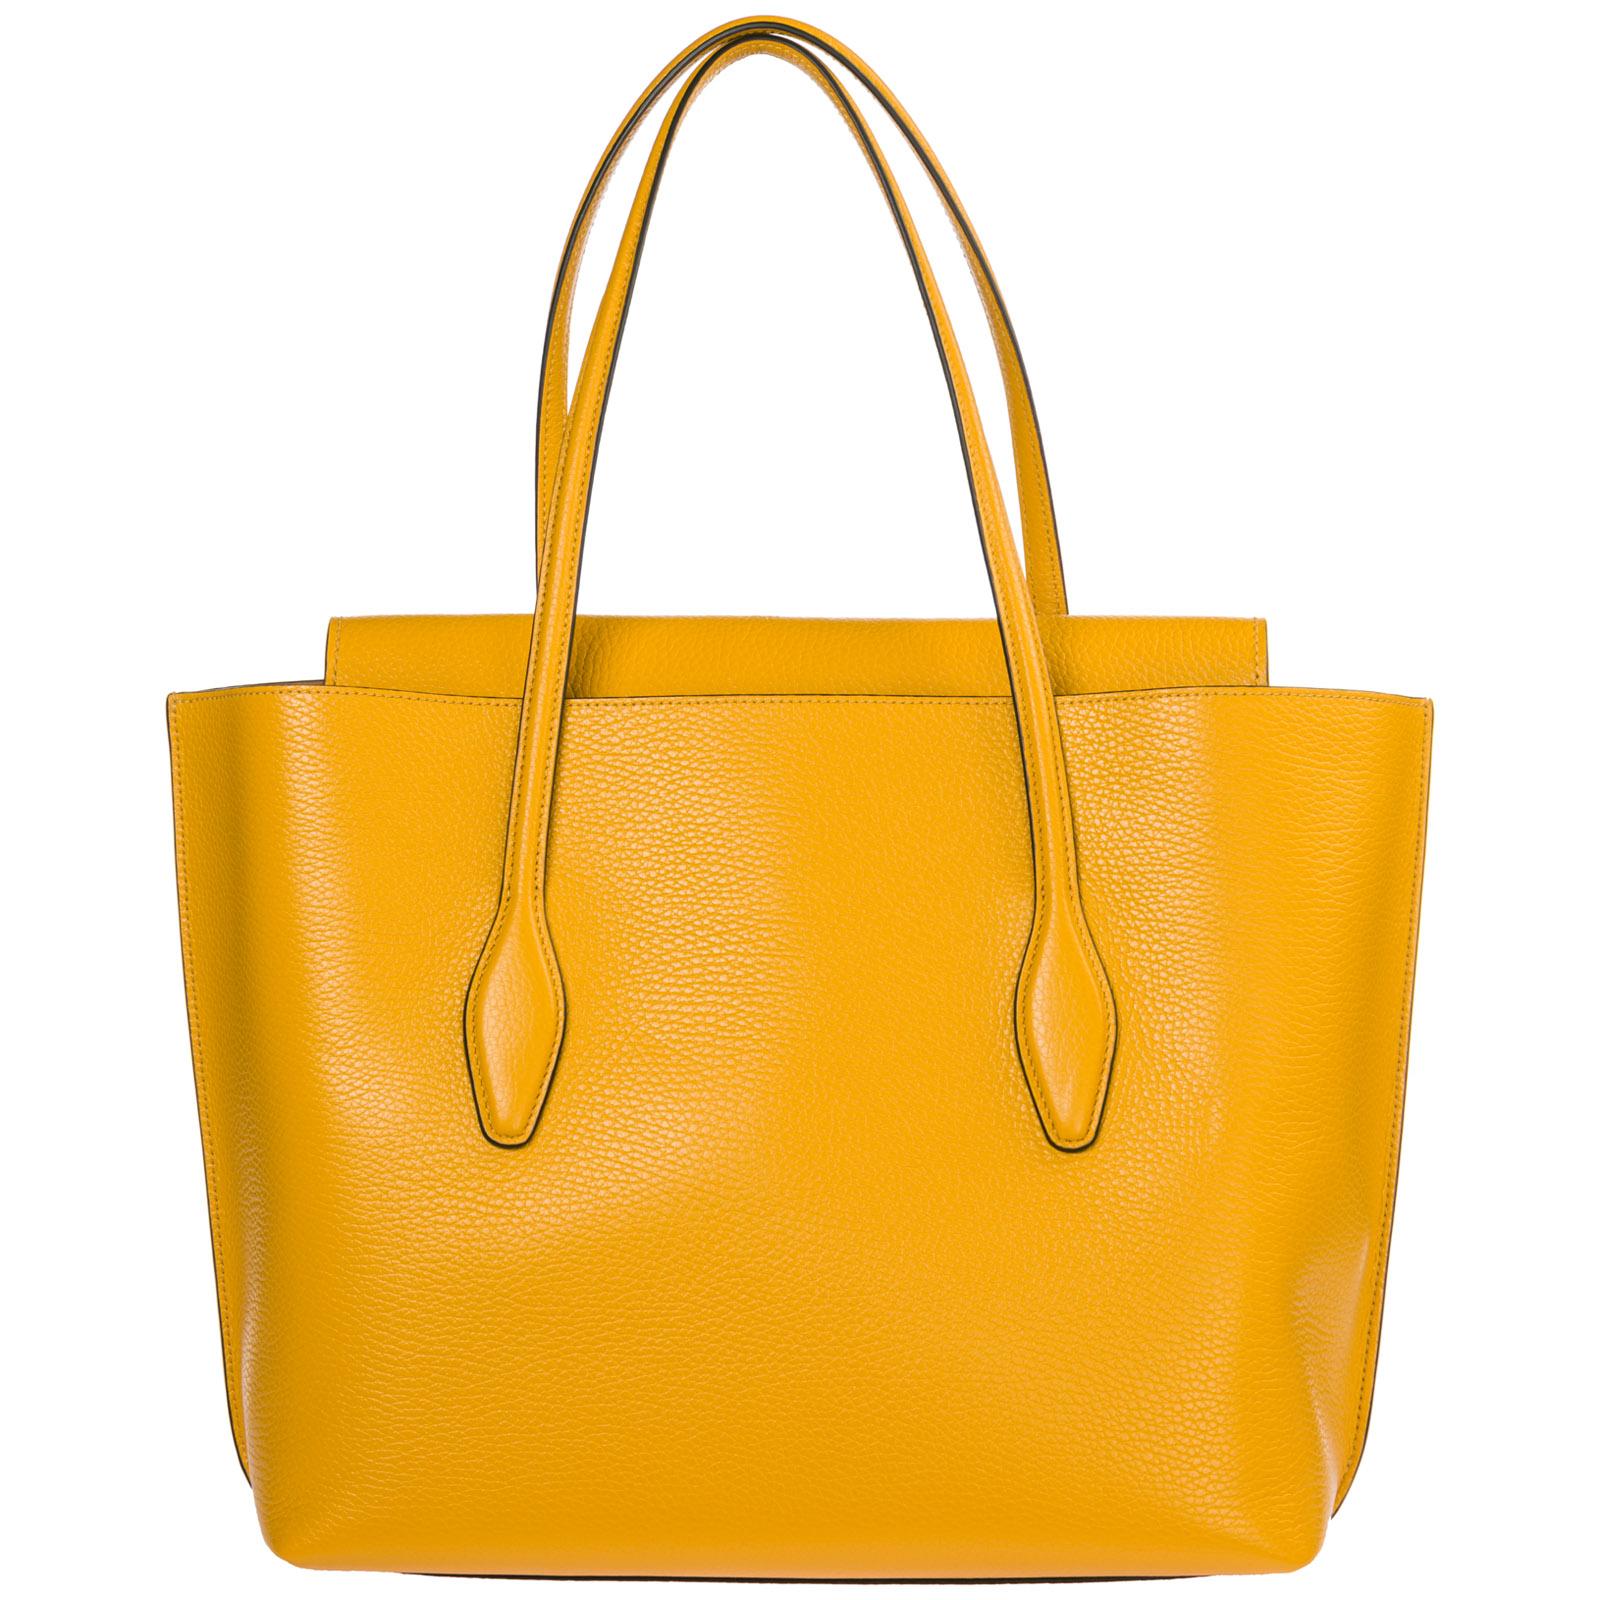 68da33e32b0e Borsa a spalla Tod S Joy Bag Media XBWANXA0300FFXG407 giallo ...